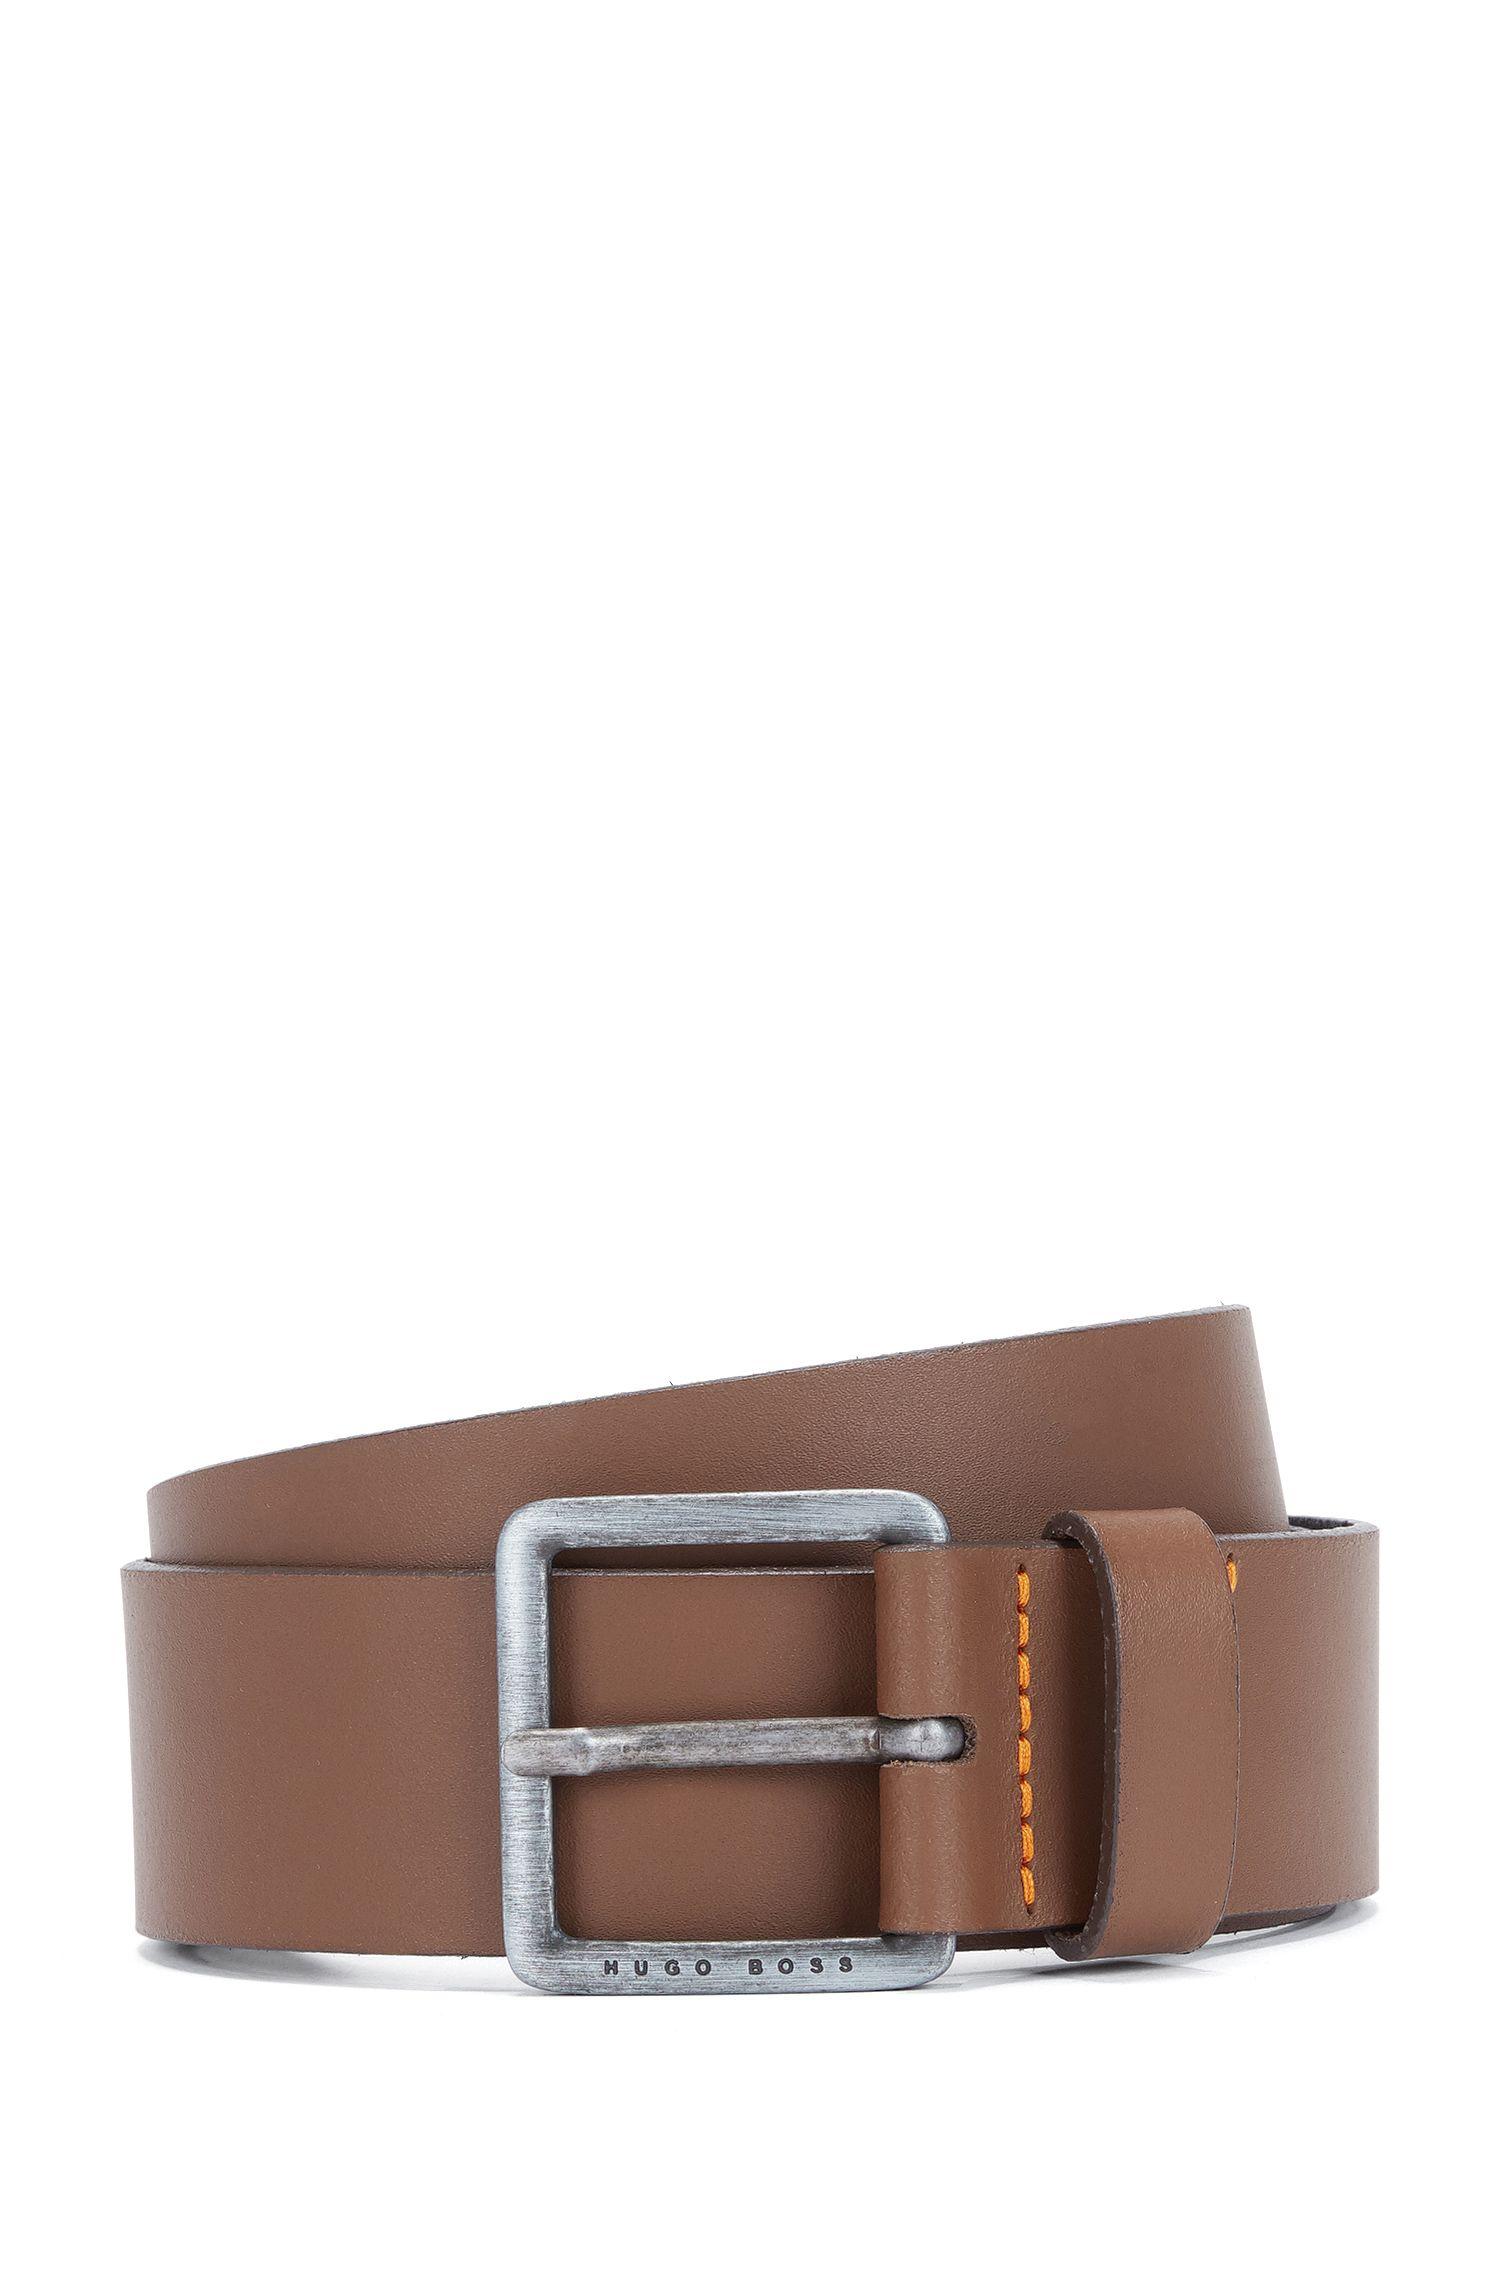 Cinturón de piel con costuras de la marca